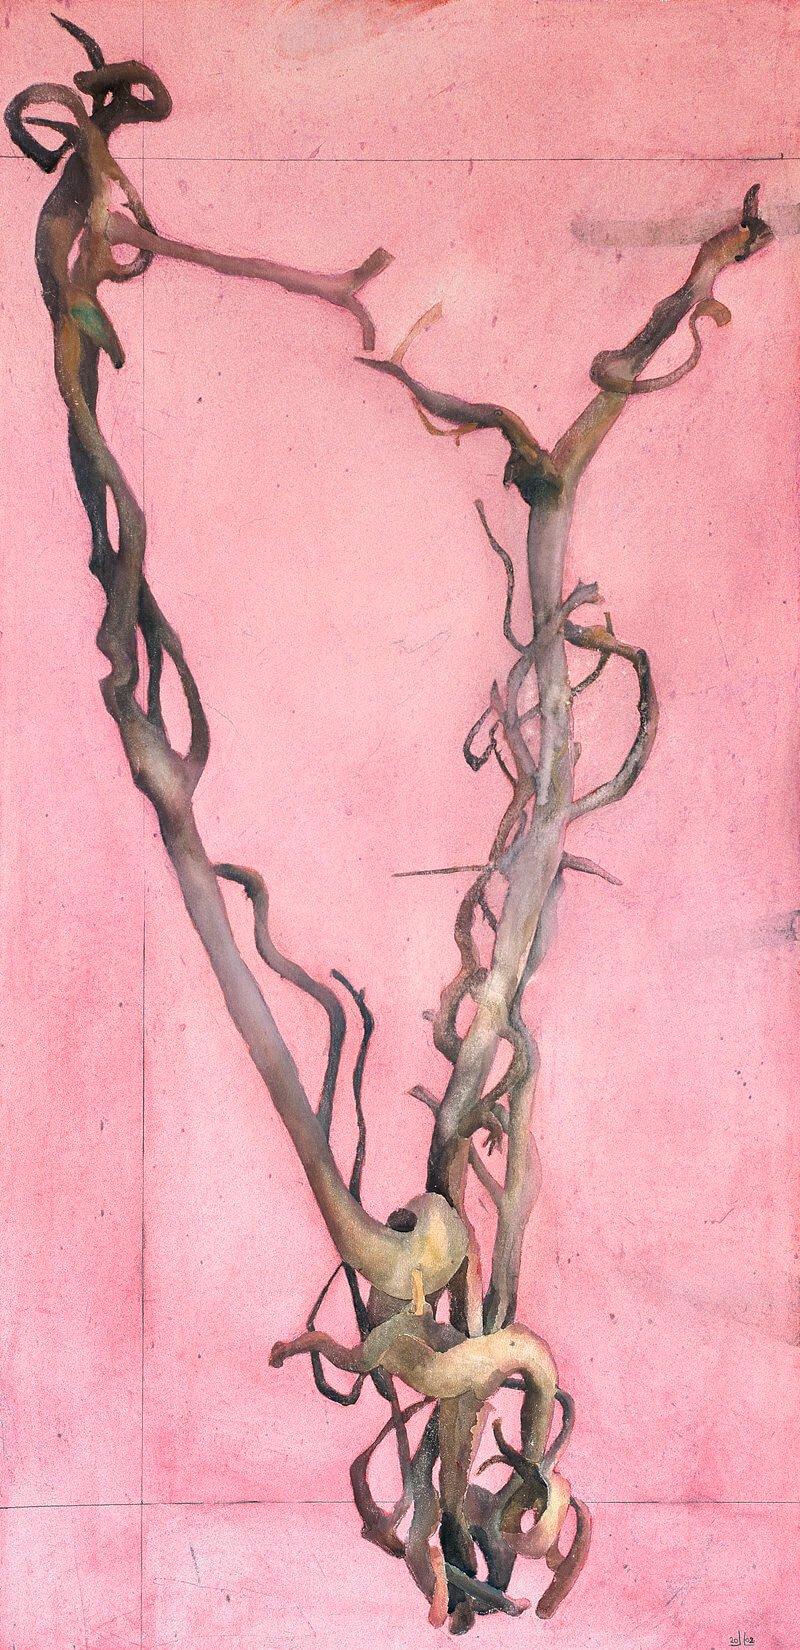 Burwash wood, x, 2002